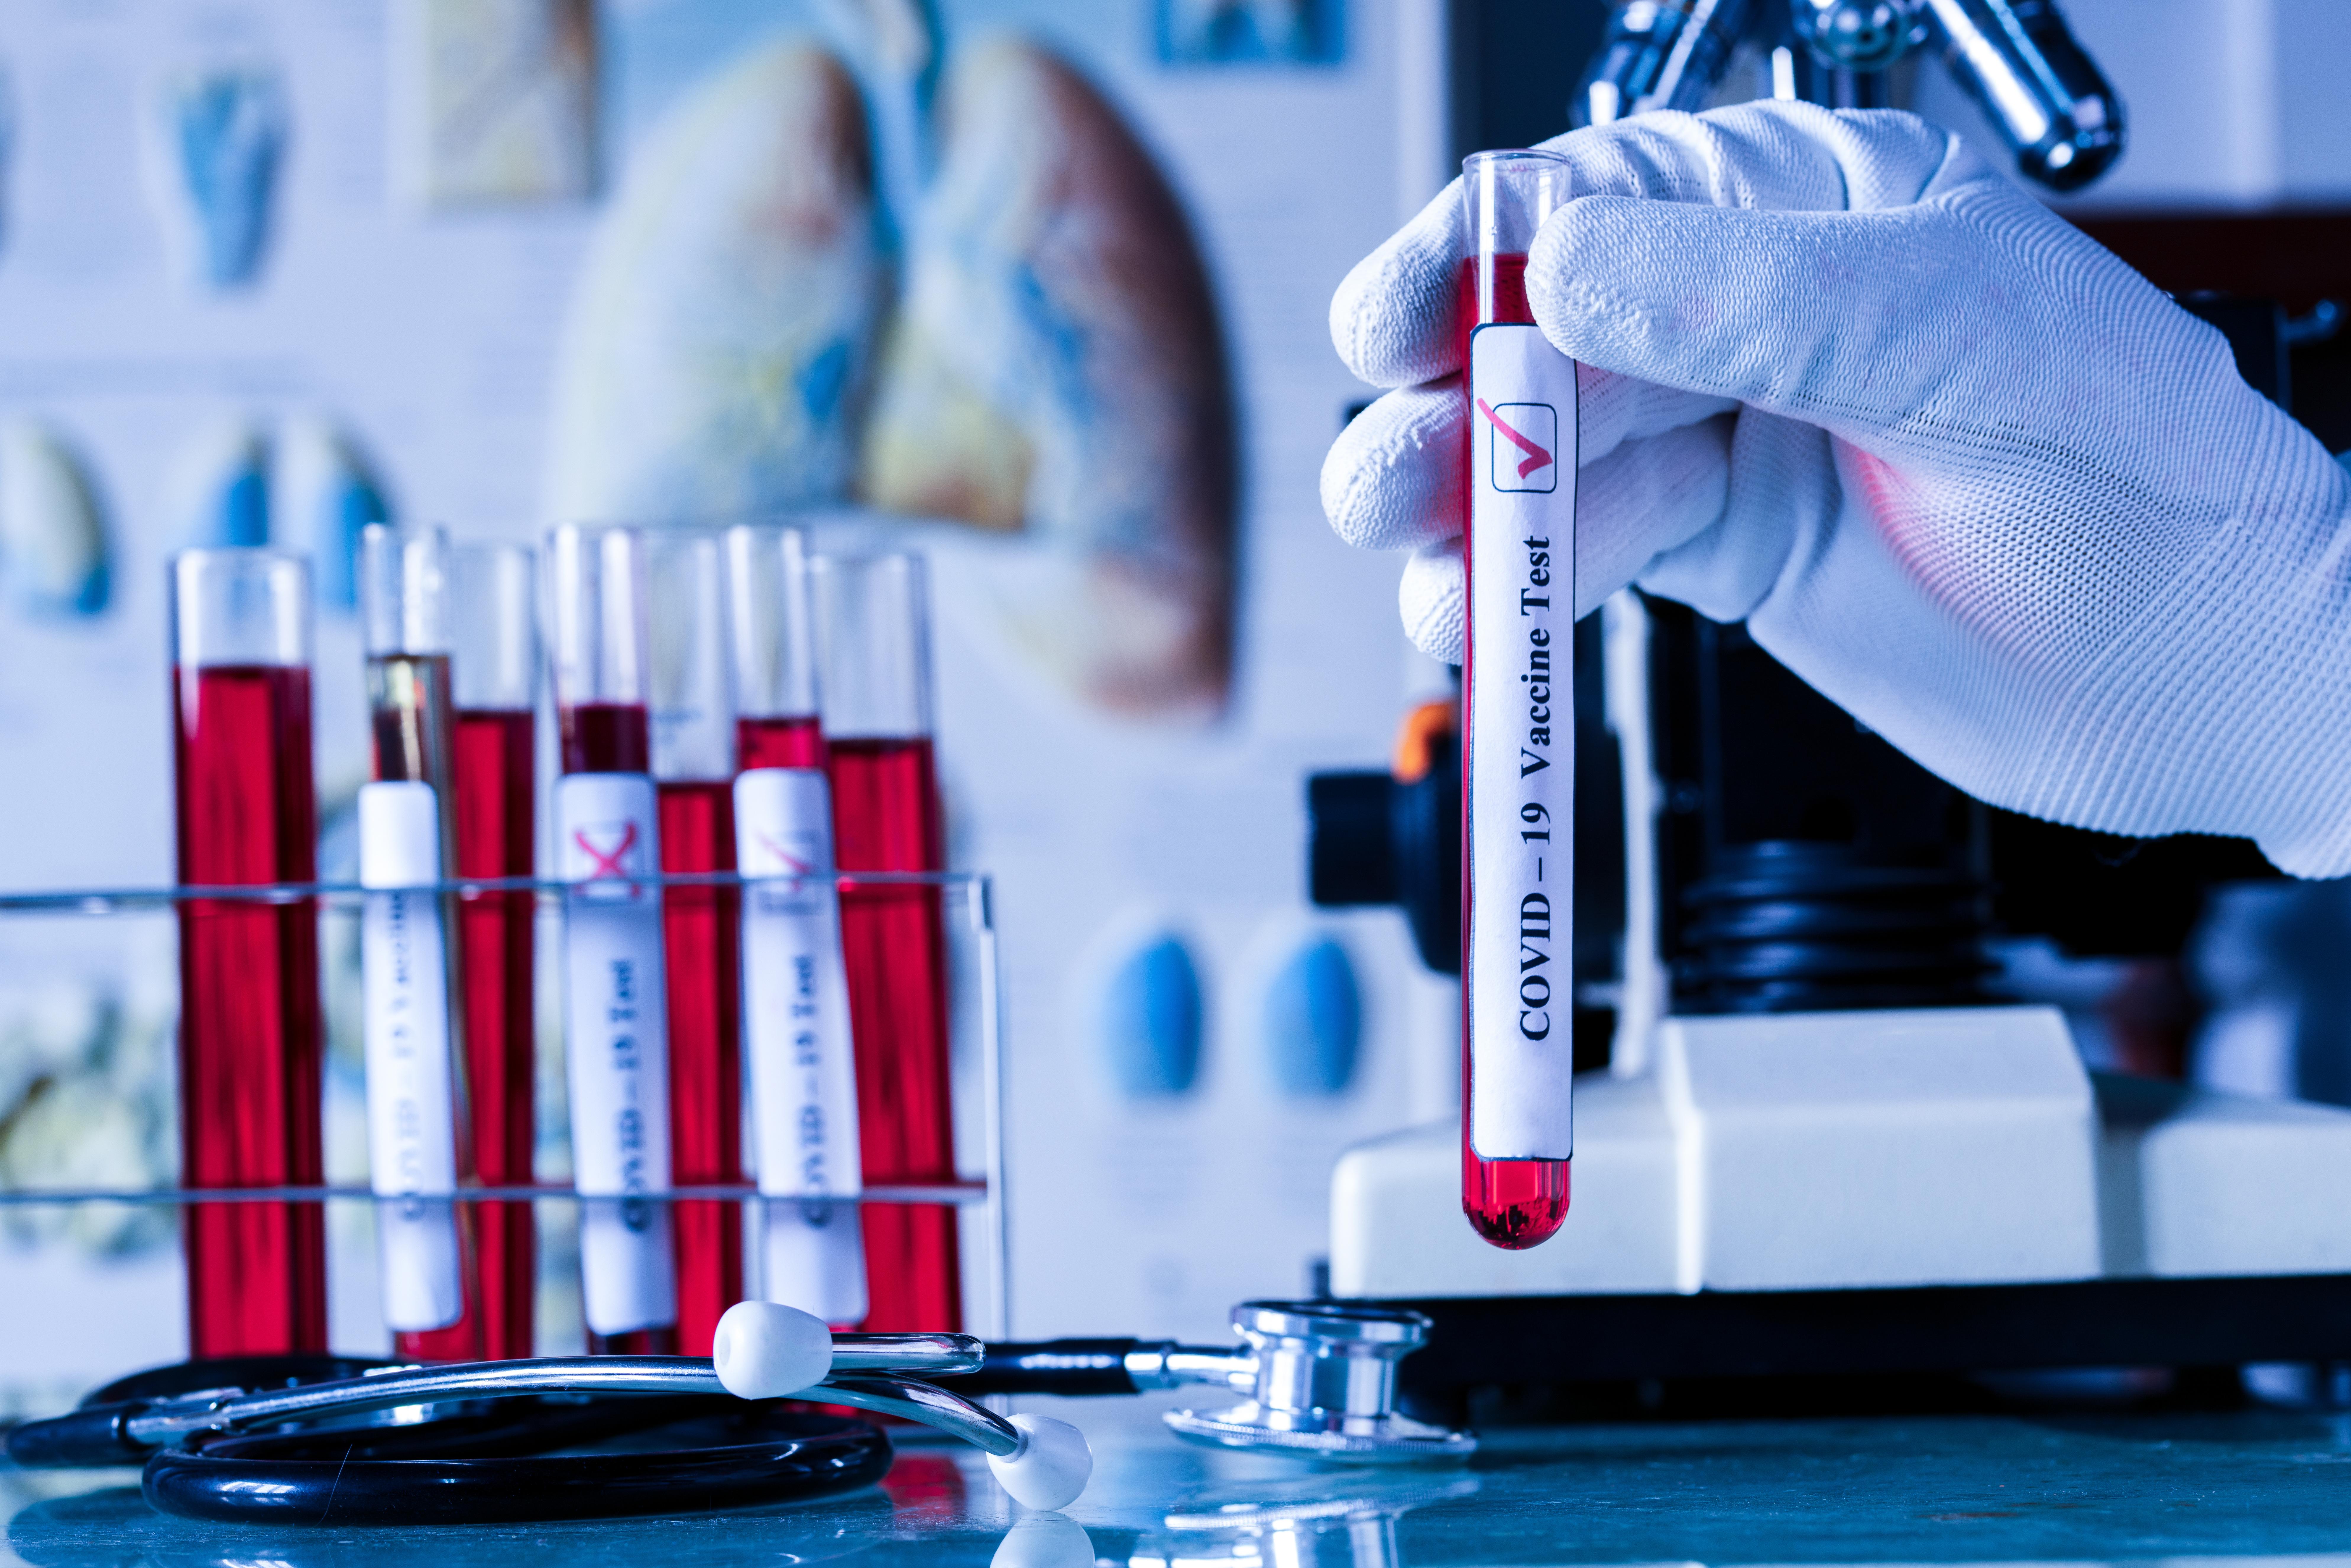 Les personnes qui se rétablissent plus rapidement du COVID-19 sont aussi celles qui développent une réponse immunitaire plus efficace et plus durable au virus (Visuel Adobe Stock 332945564).